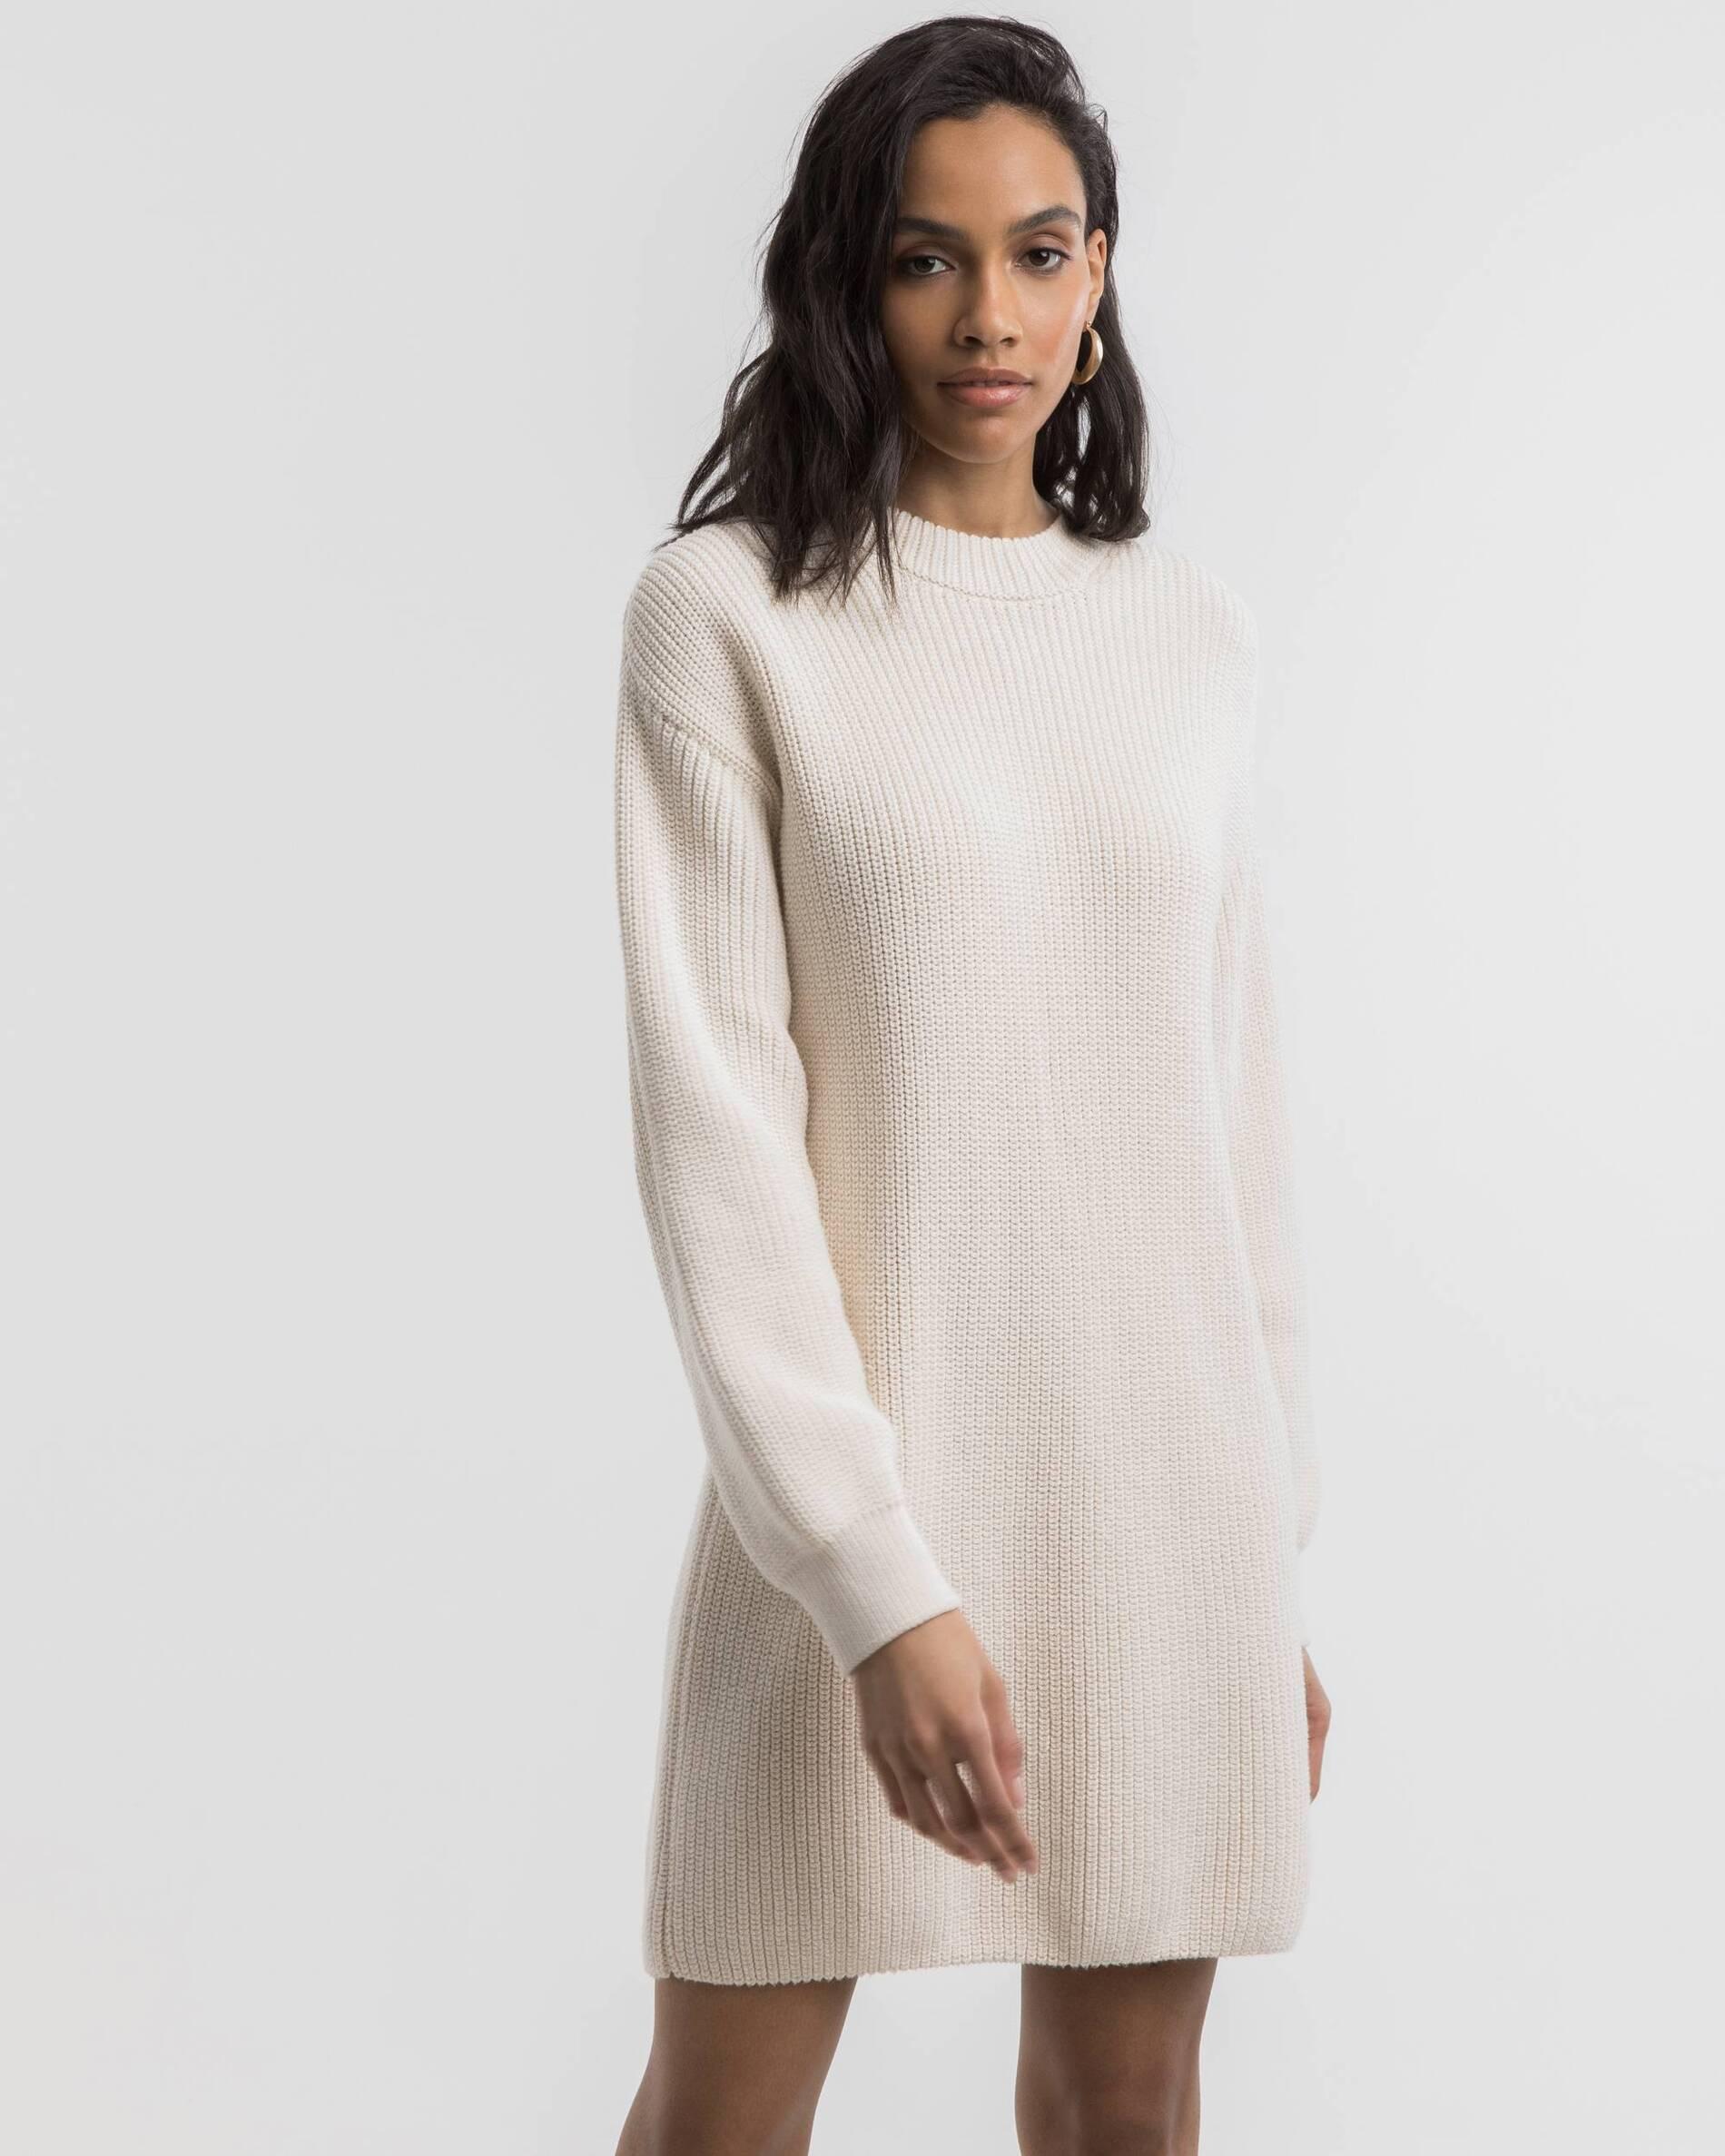 Oversize knit dress